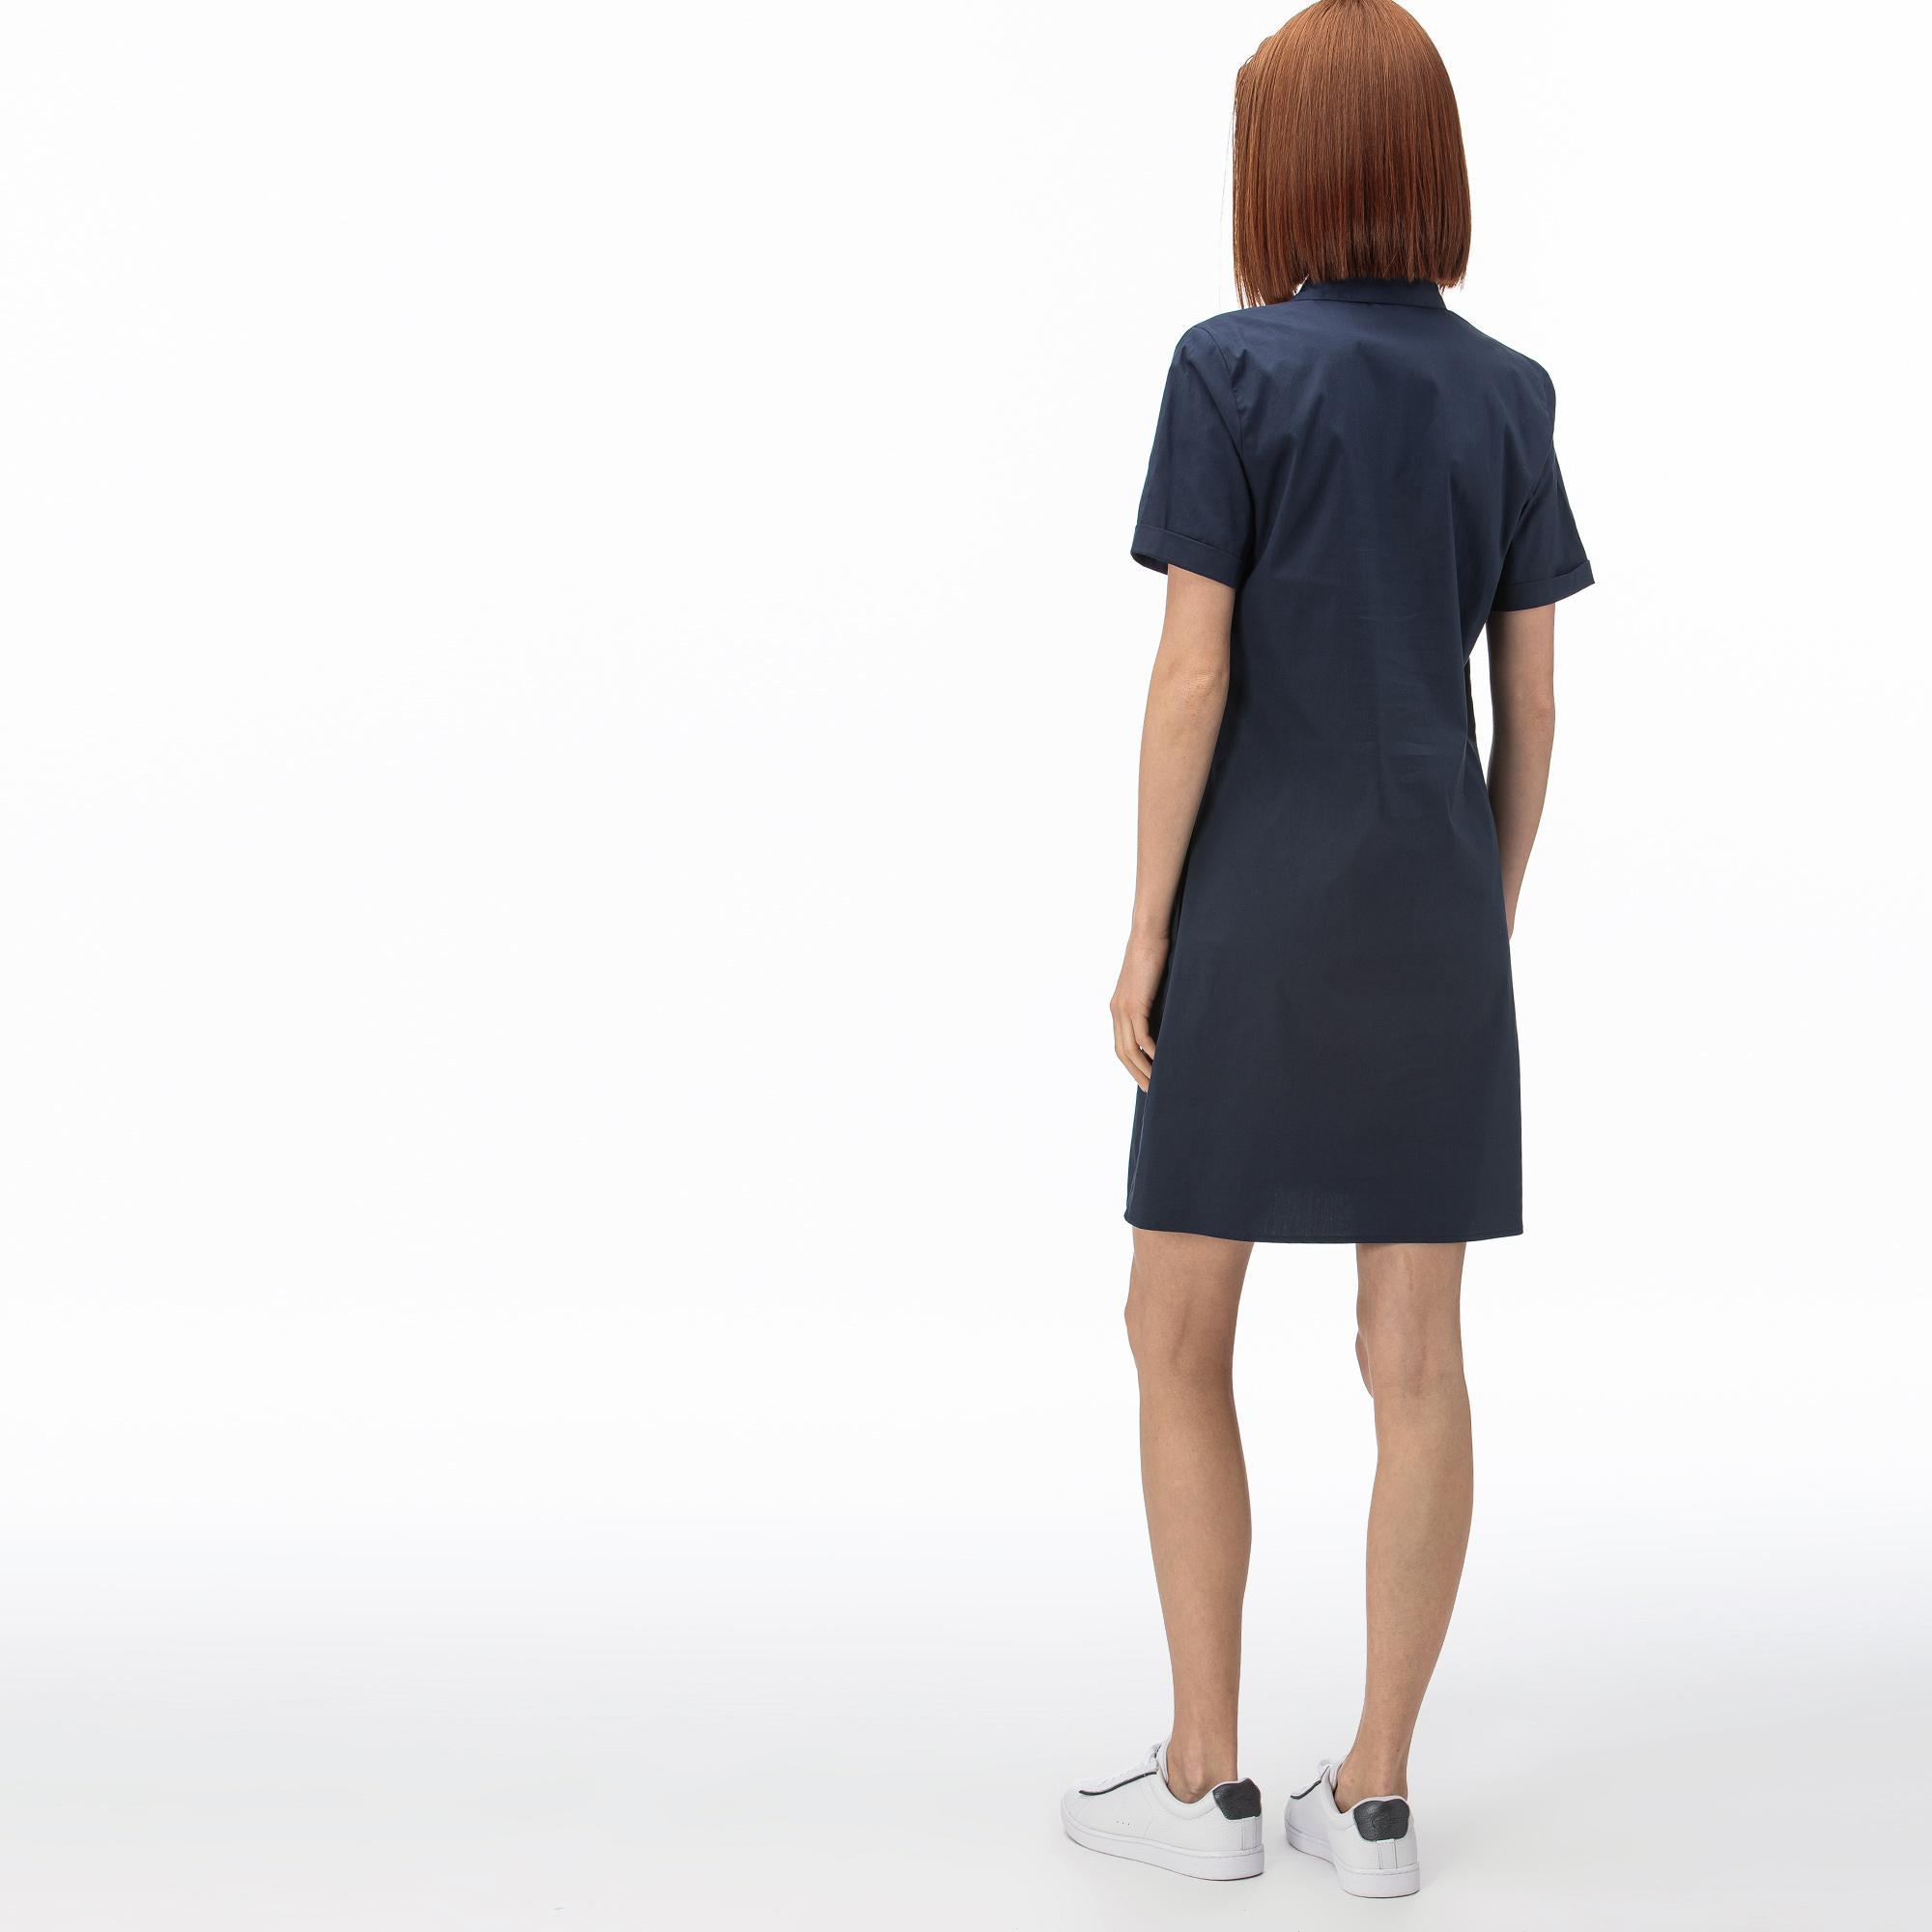 Lacoste Kadın Kısa Kollu Lacivert Elbise